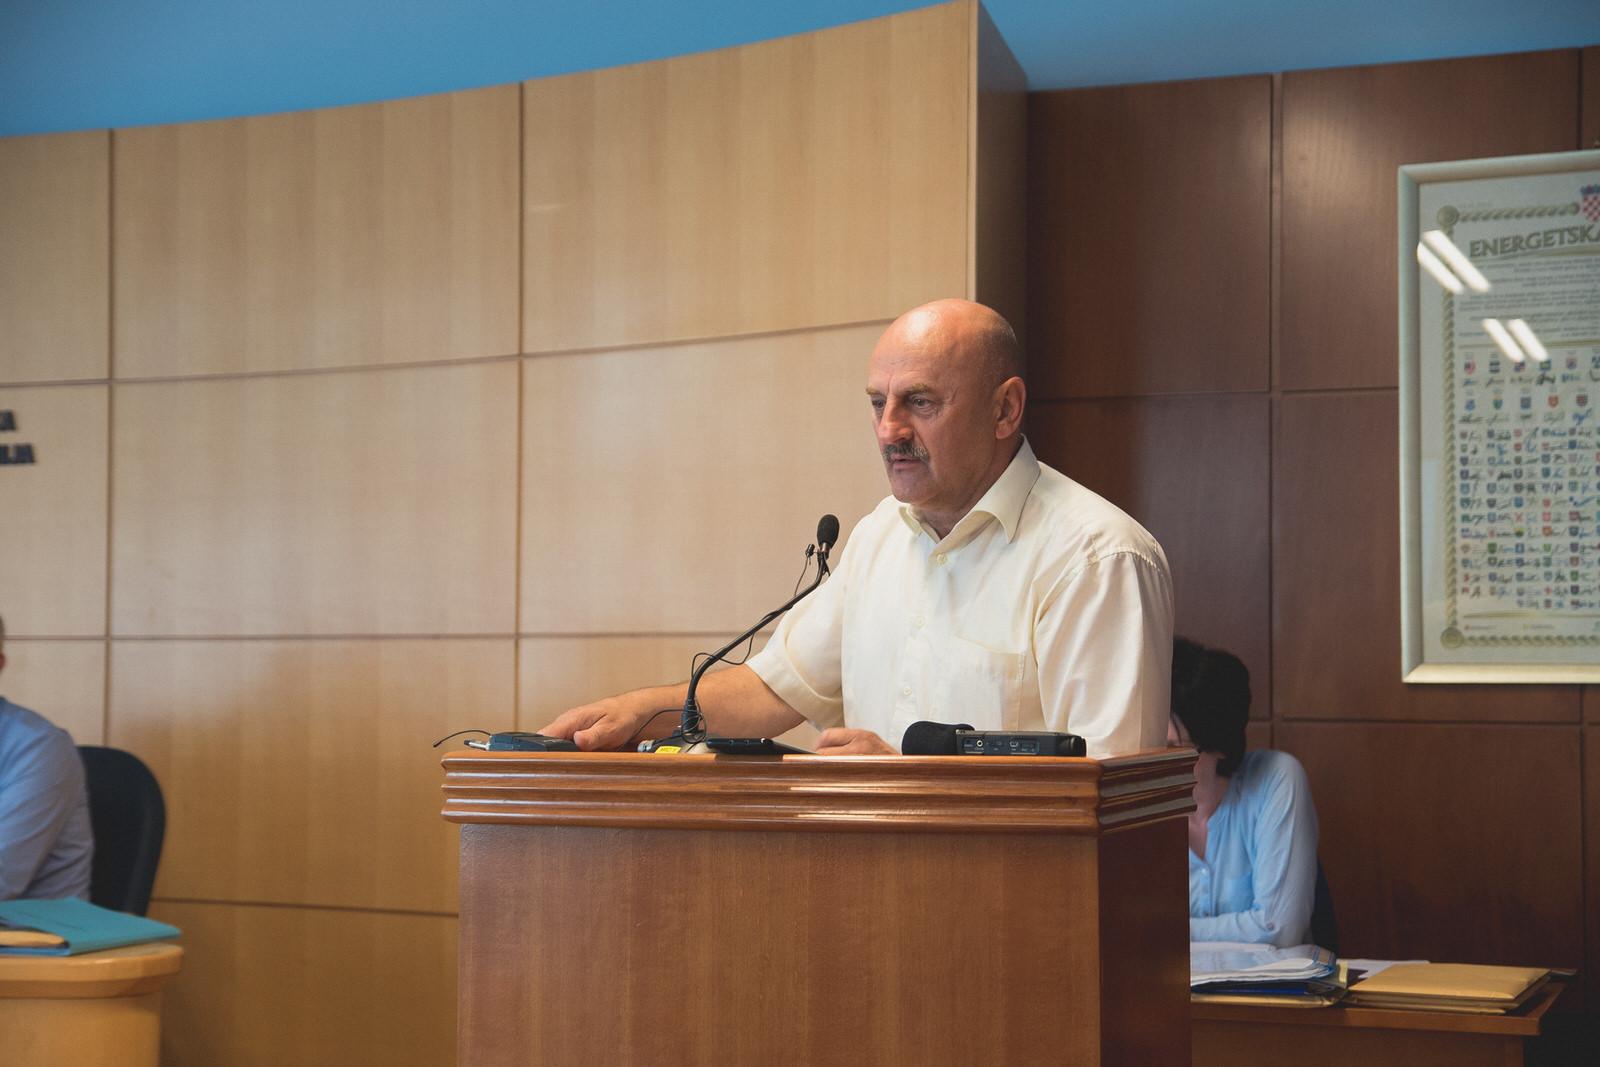 Photo of Karlo Starčević: HSP je dovoljno jak da ide sam na izbore, ali vrata su otvorena svima, osim onima koji traže privilegije i uhljebništvo